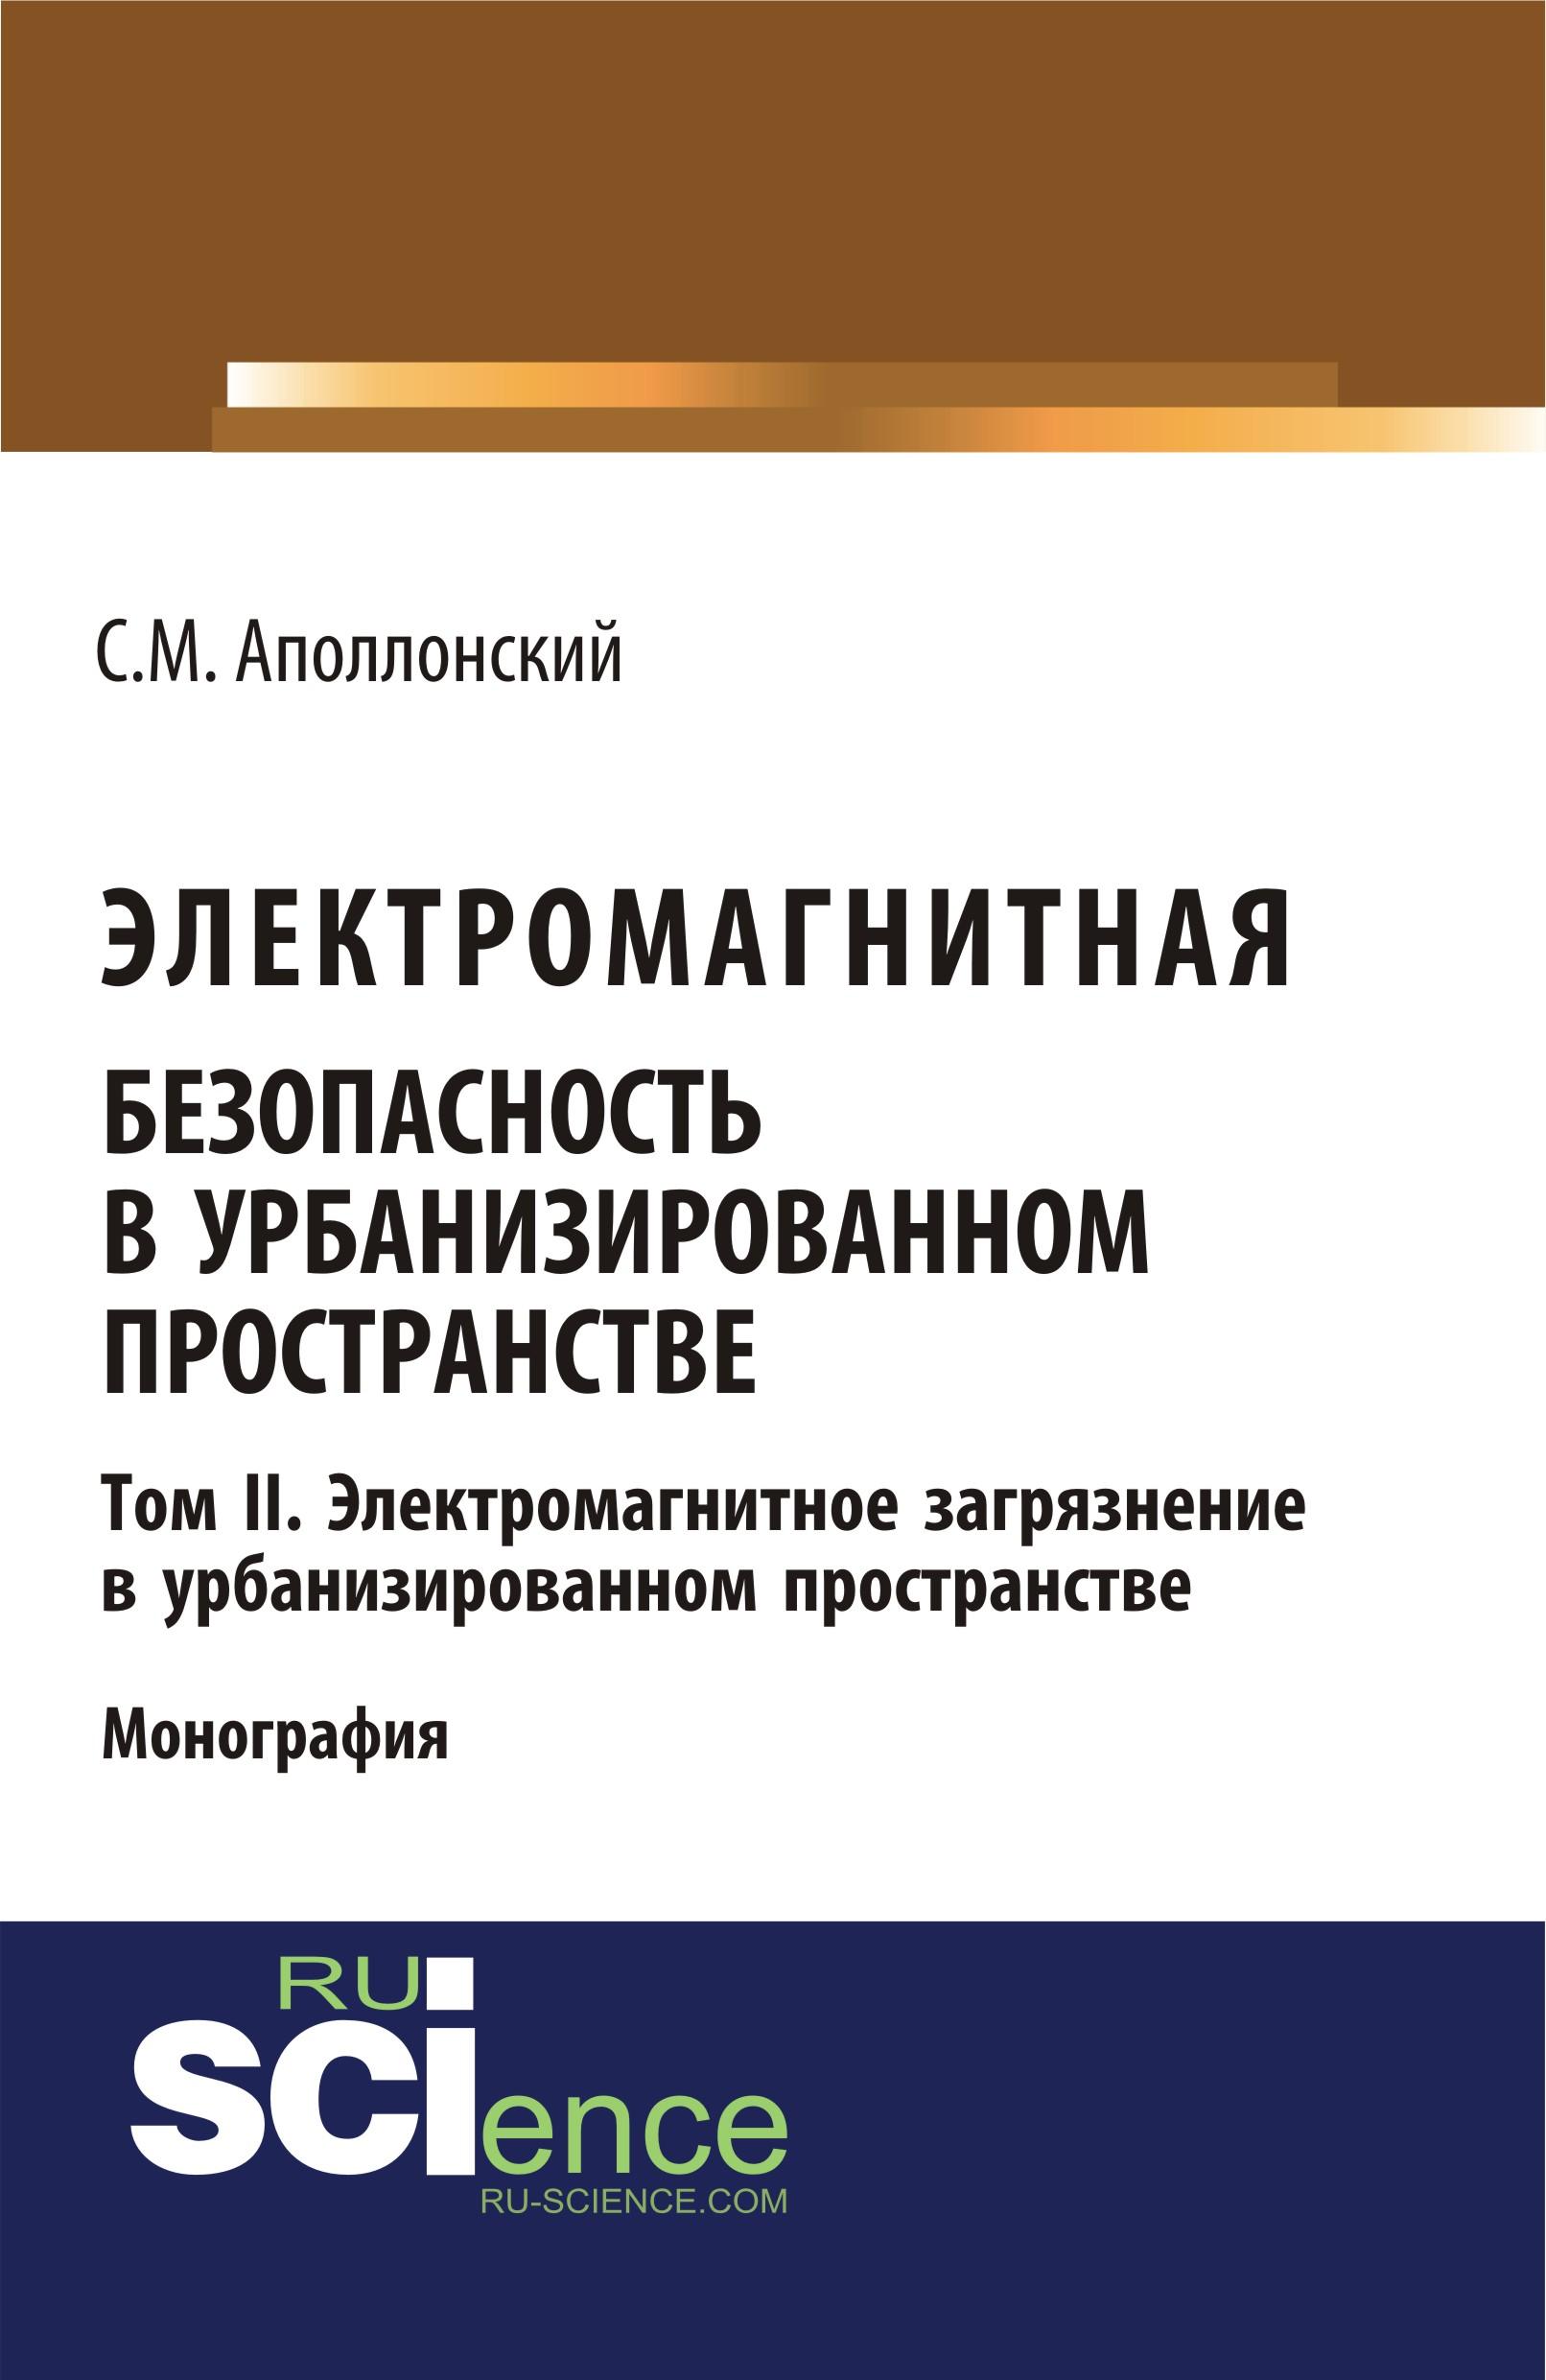 Электромагнитная безопасность в урбанизированном пространстве: монография. Т.II. Нормирование электромагнитных параметров в окружающей среде